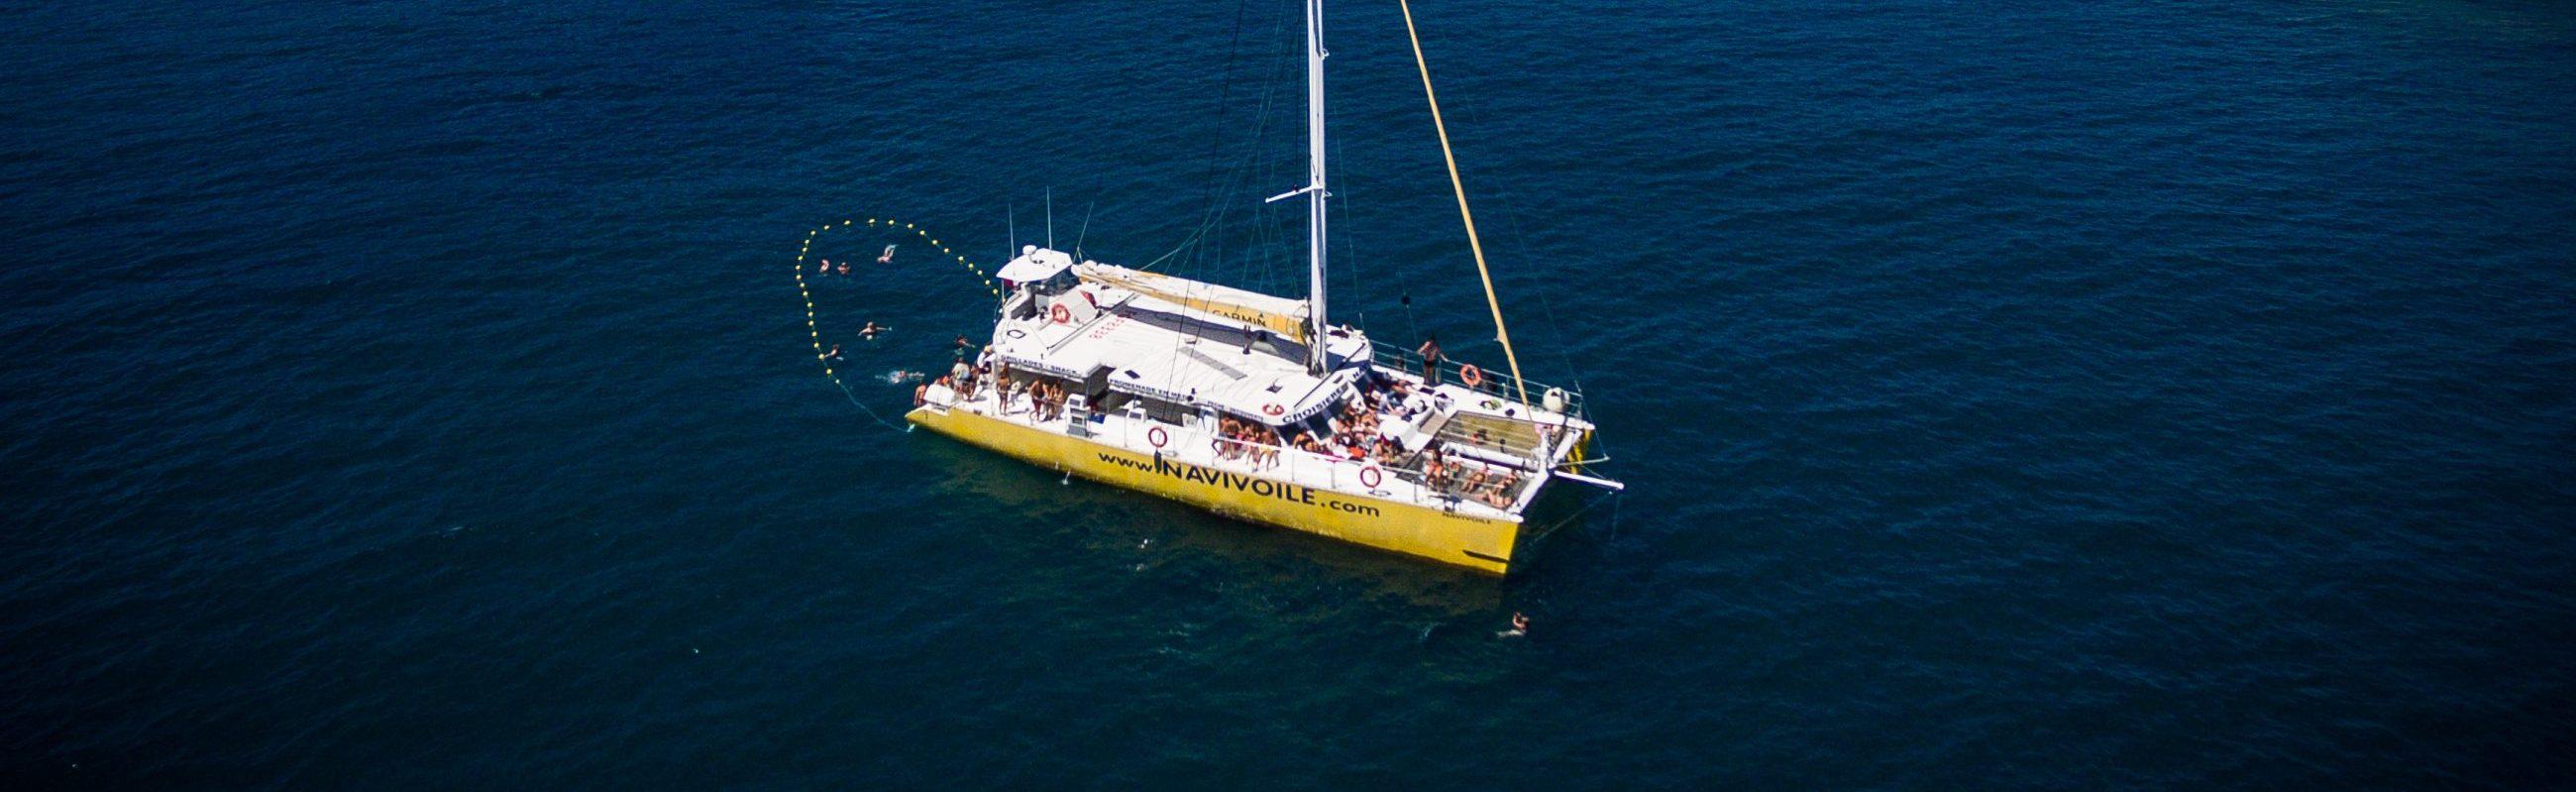 catamaran navivoile bon cadeau grillade et baignade sur le bateau baie de paulilles au départ de Port Vendres